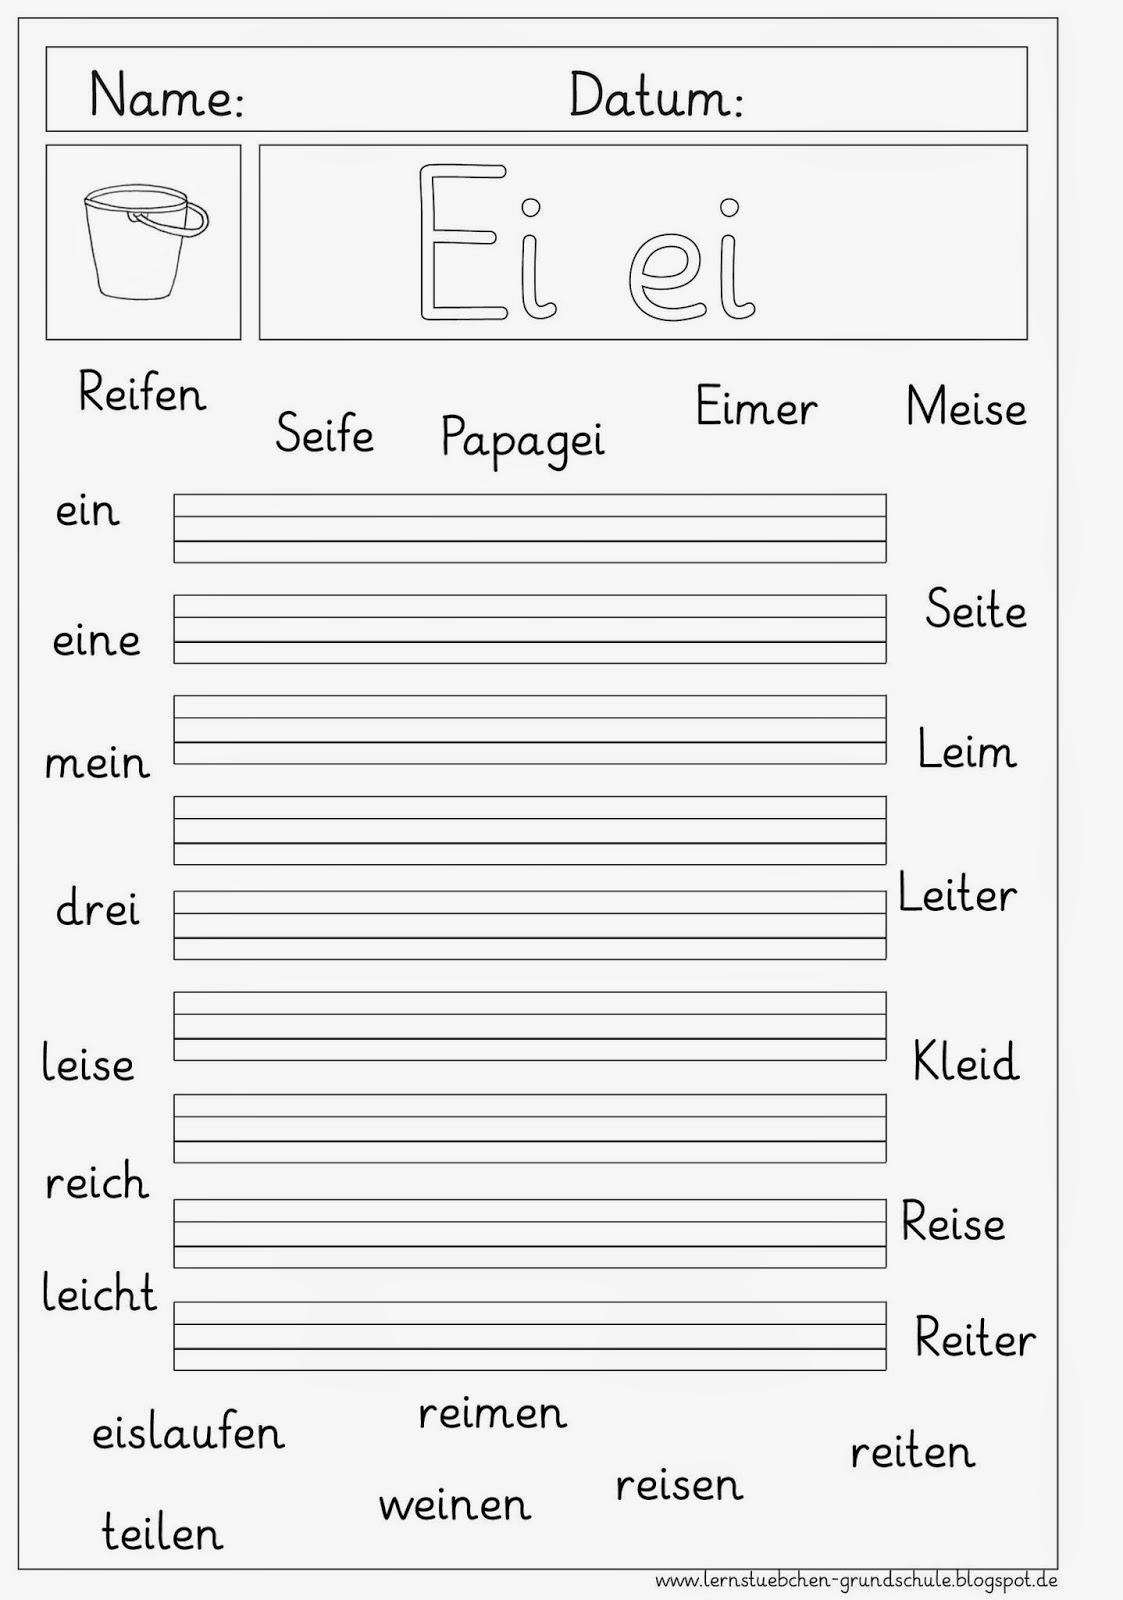 Ungewöhnlich Linienvorlage Zum Schreiben Ideen - Entry Level Resume ...